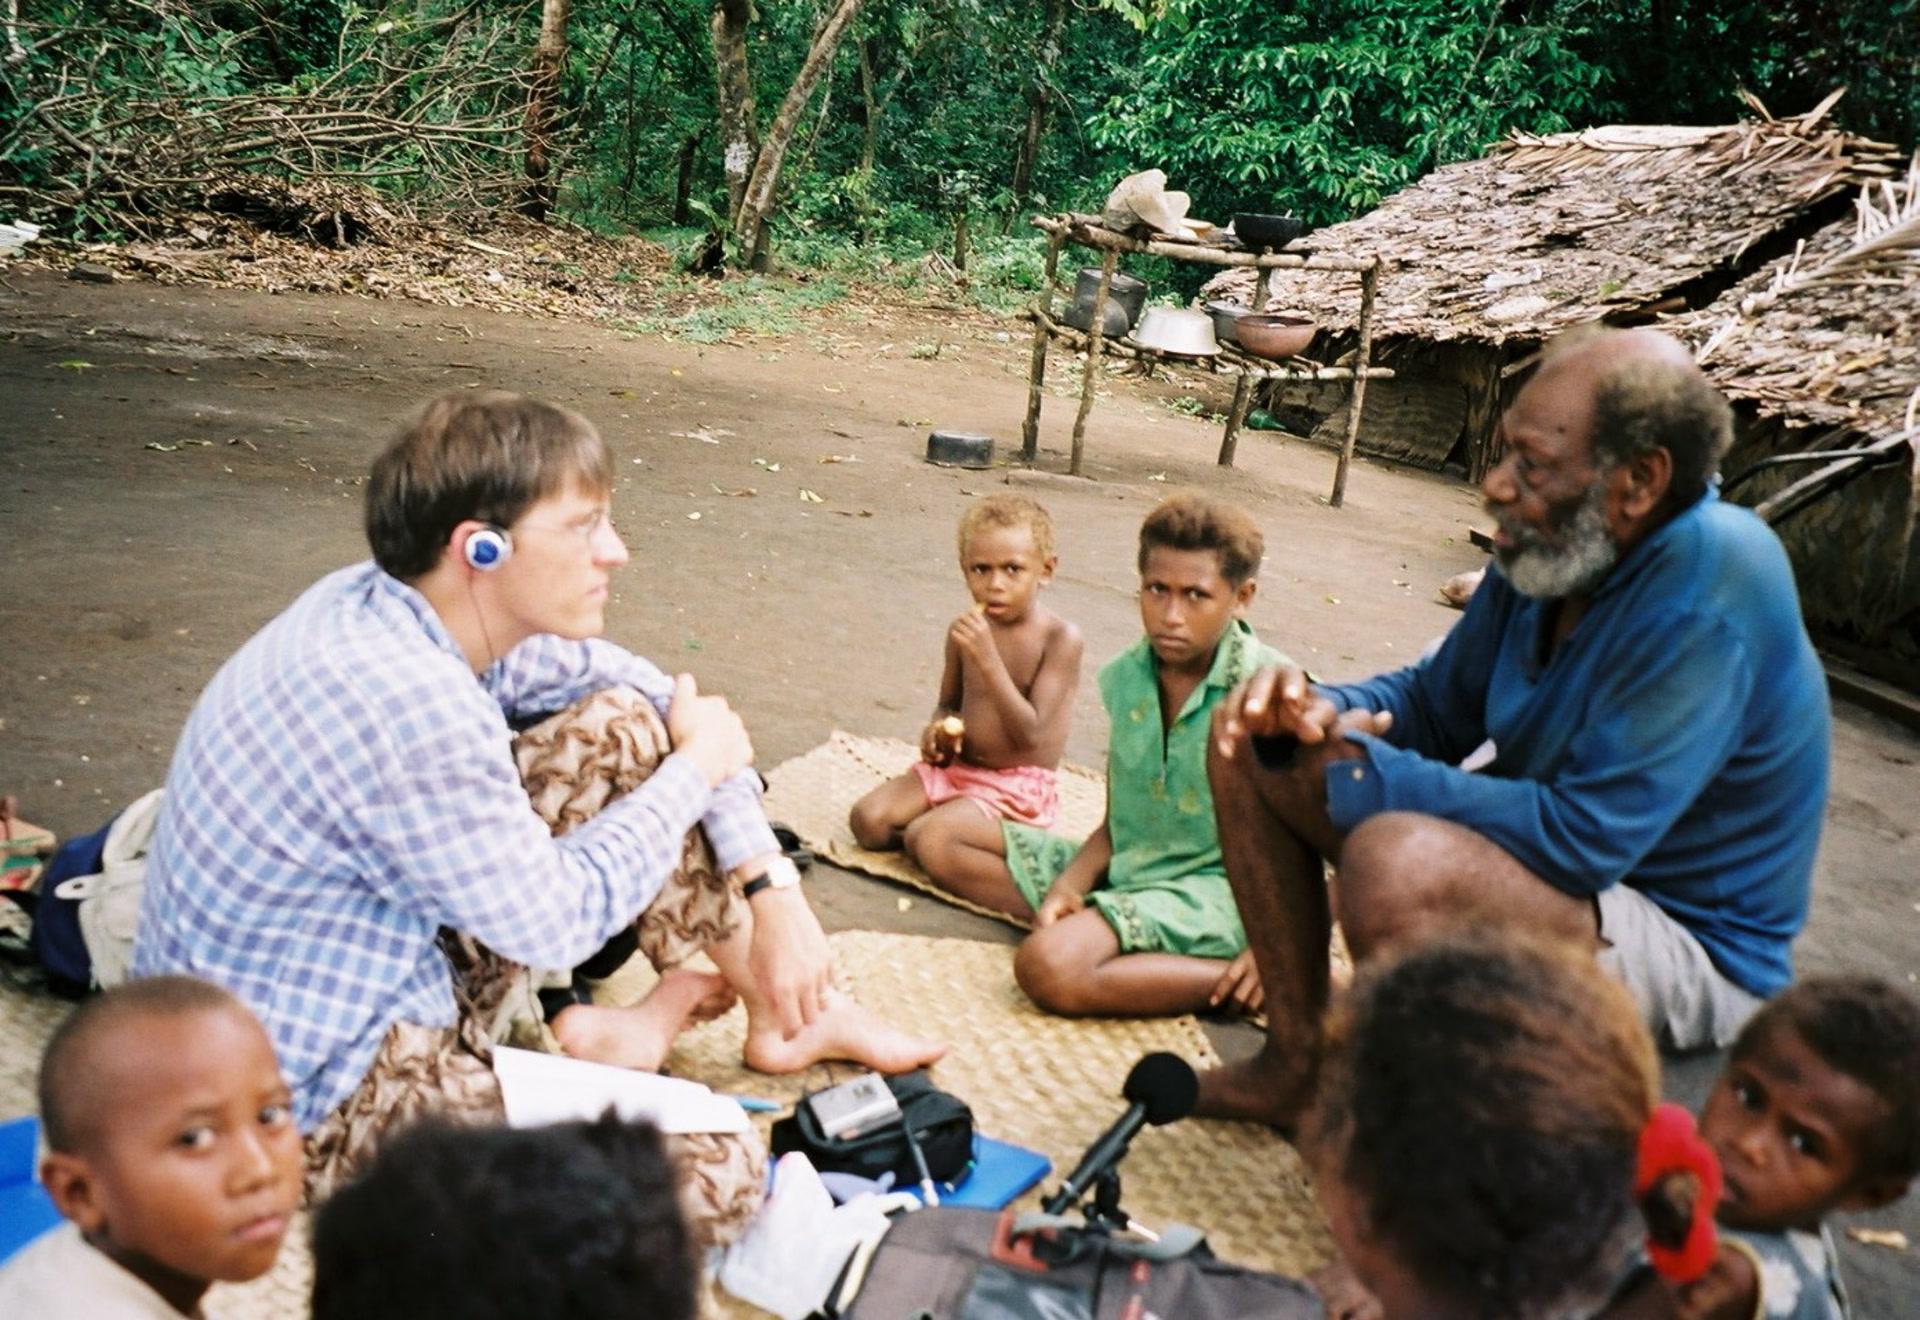 En 2003, François traversa l'île de Vanua Lava jusqu'au hameau de Lalngetak, pour rencontrer †Wolta Robin – le dernier conteur en lemerig. (photo AF, Vanua Lava, 2003)